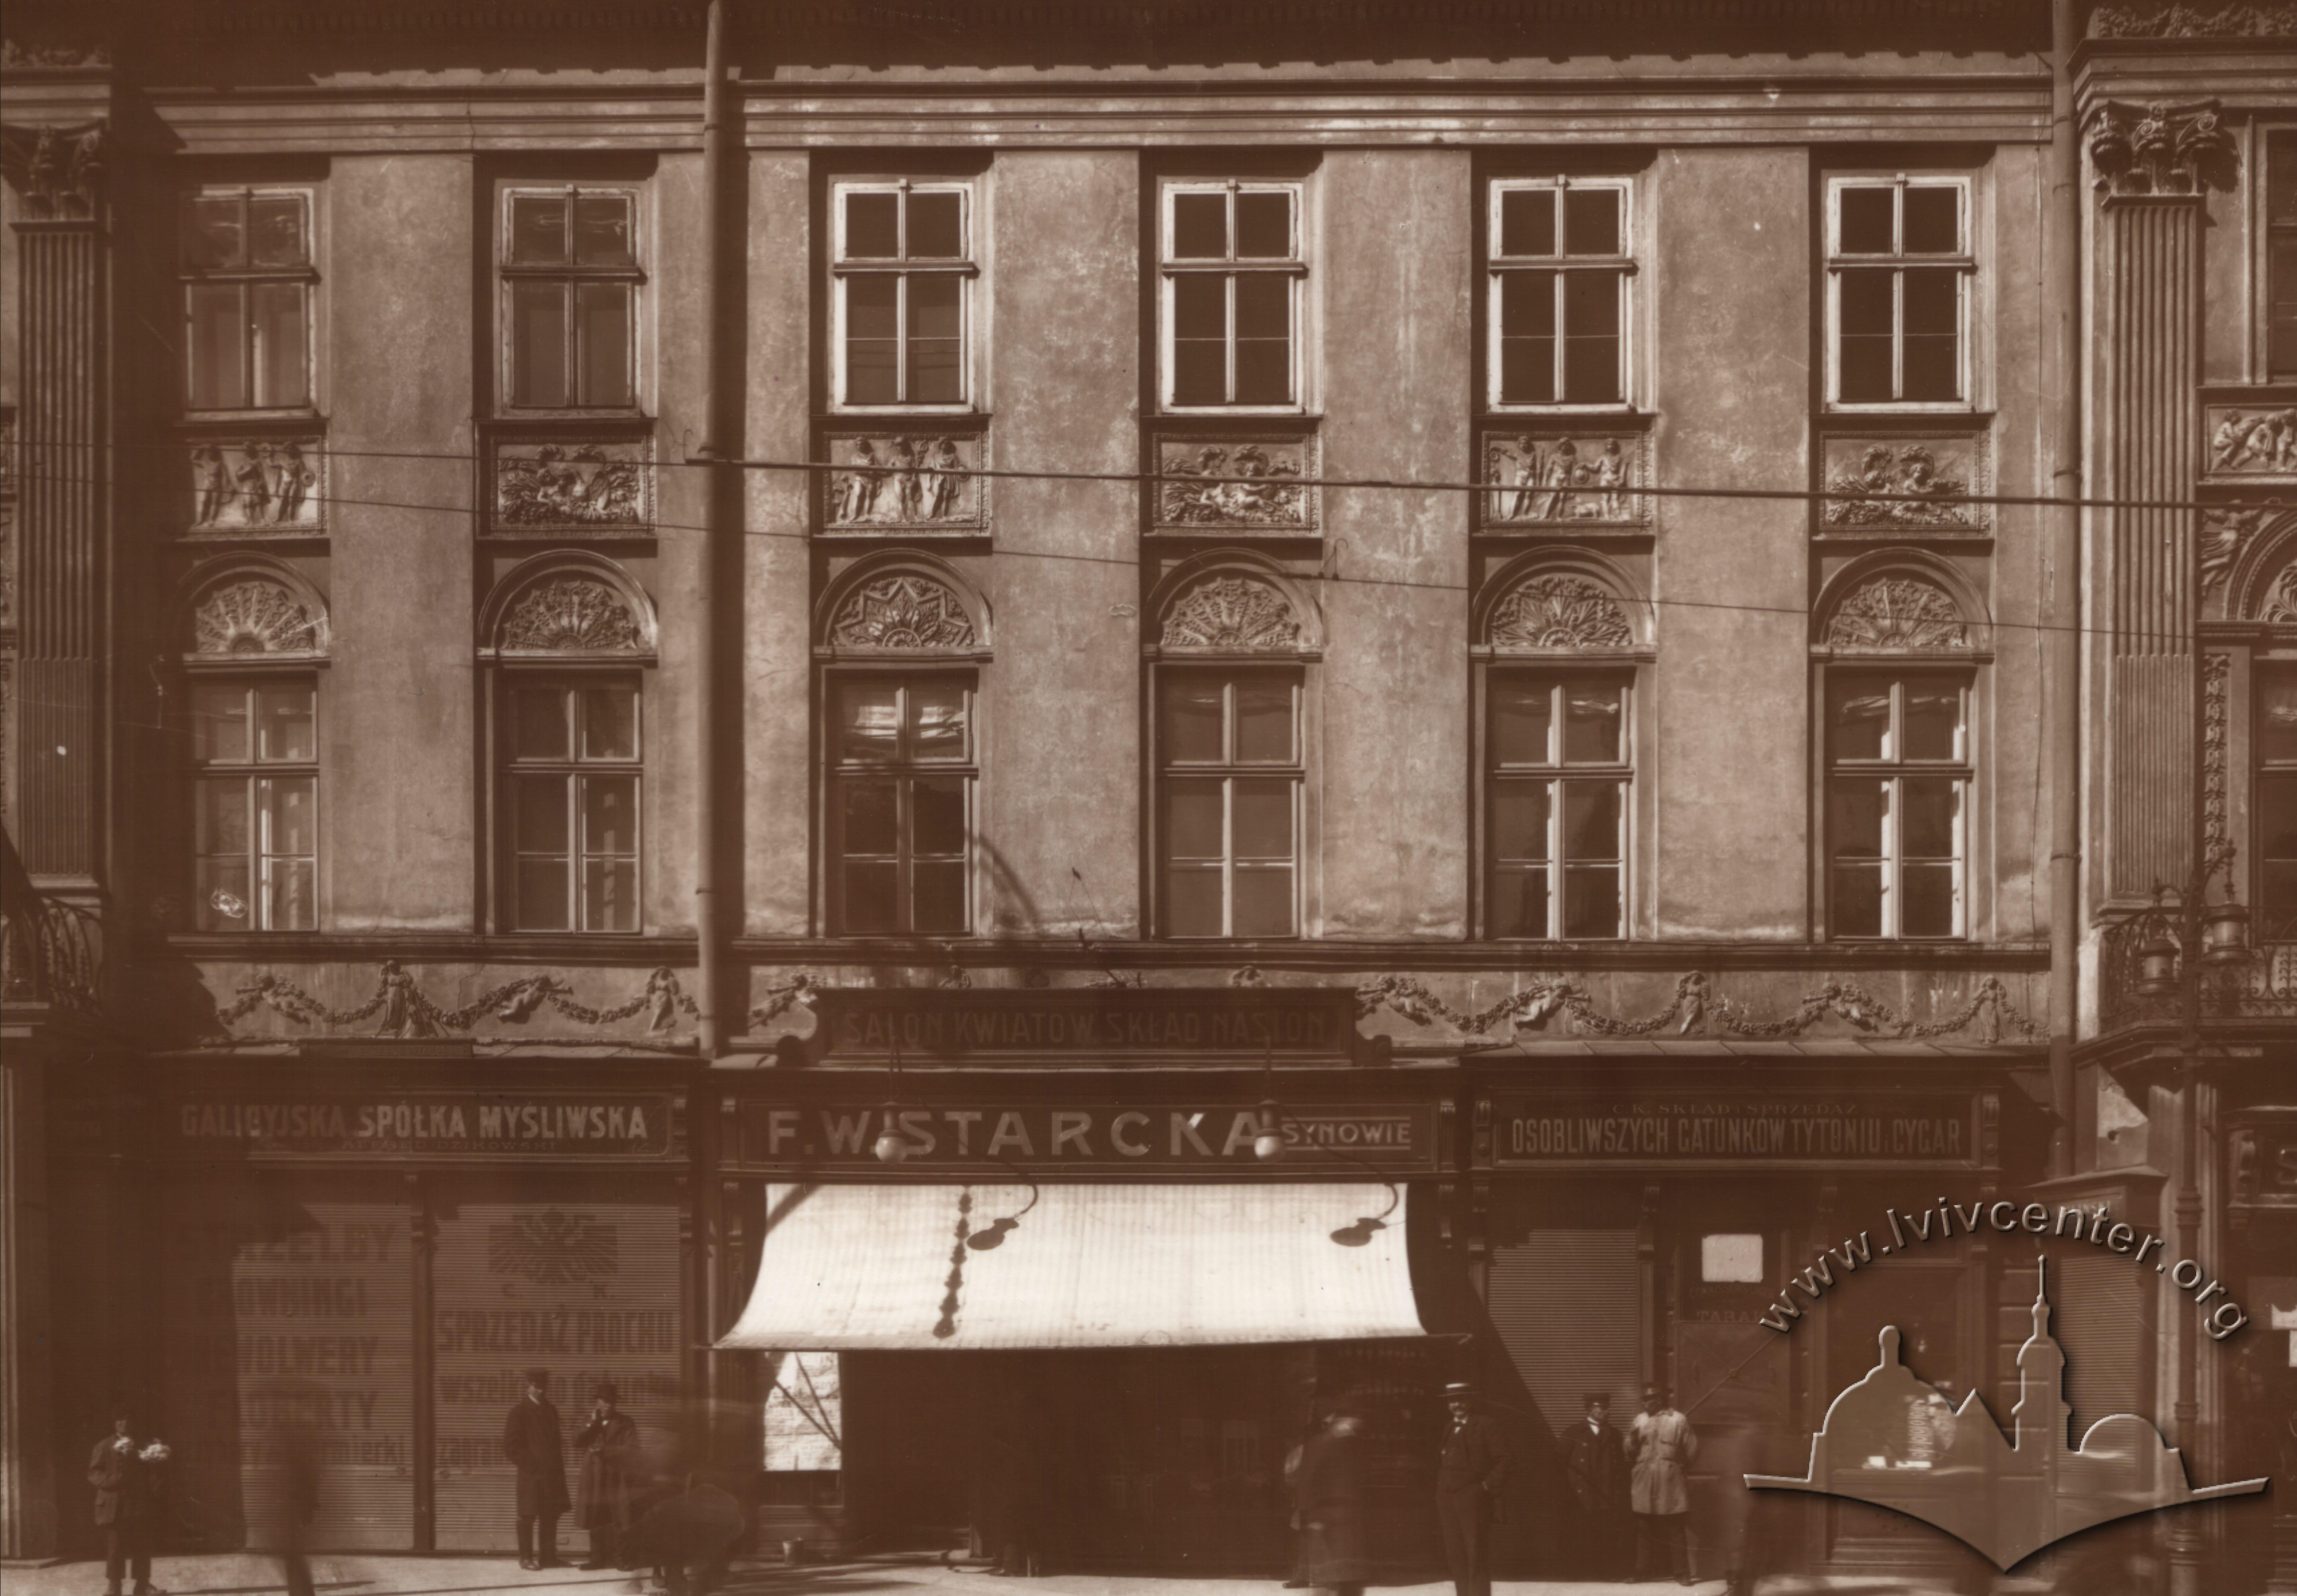 Магазини на вулиці Карла Людовіка (сьогодні просп. Свободи), 1915 р.